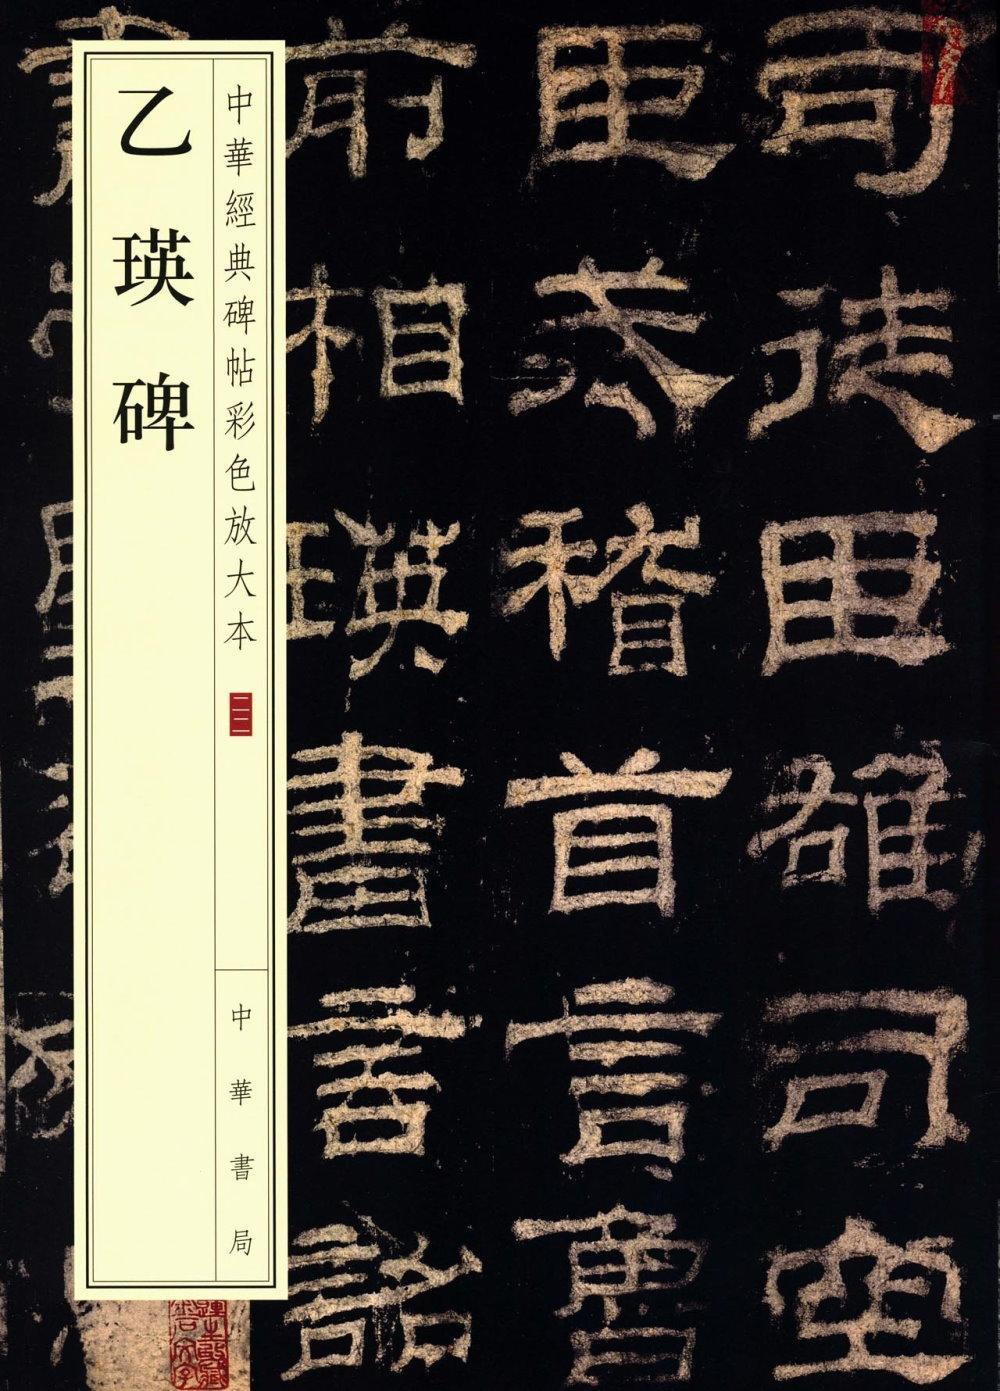 中華經典碑帖彩色放大本22:乙瑛碑